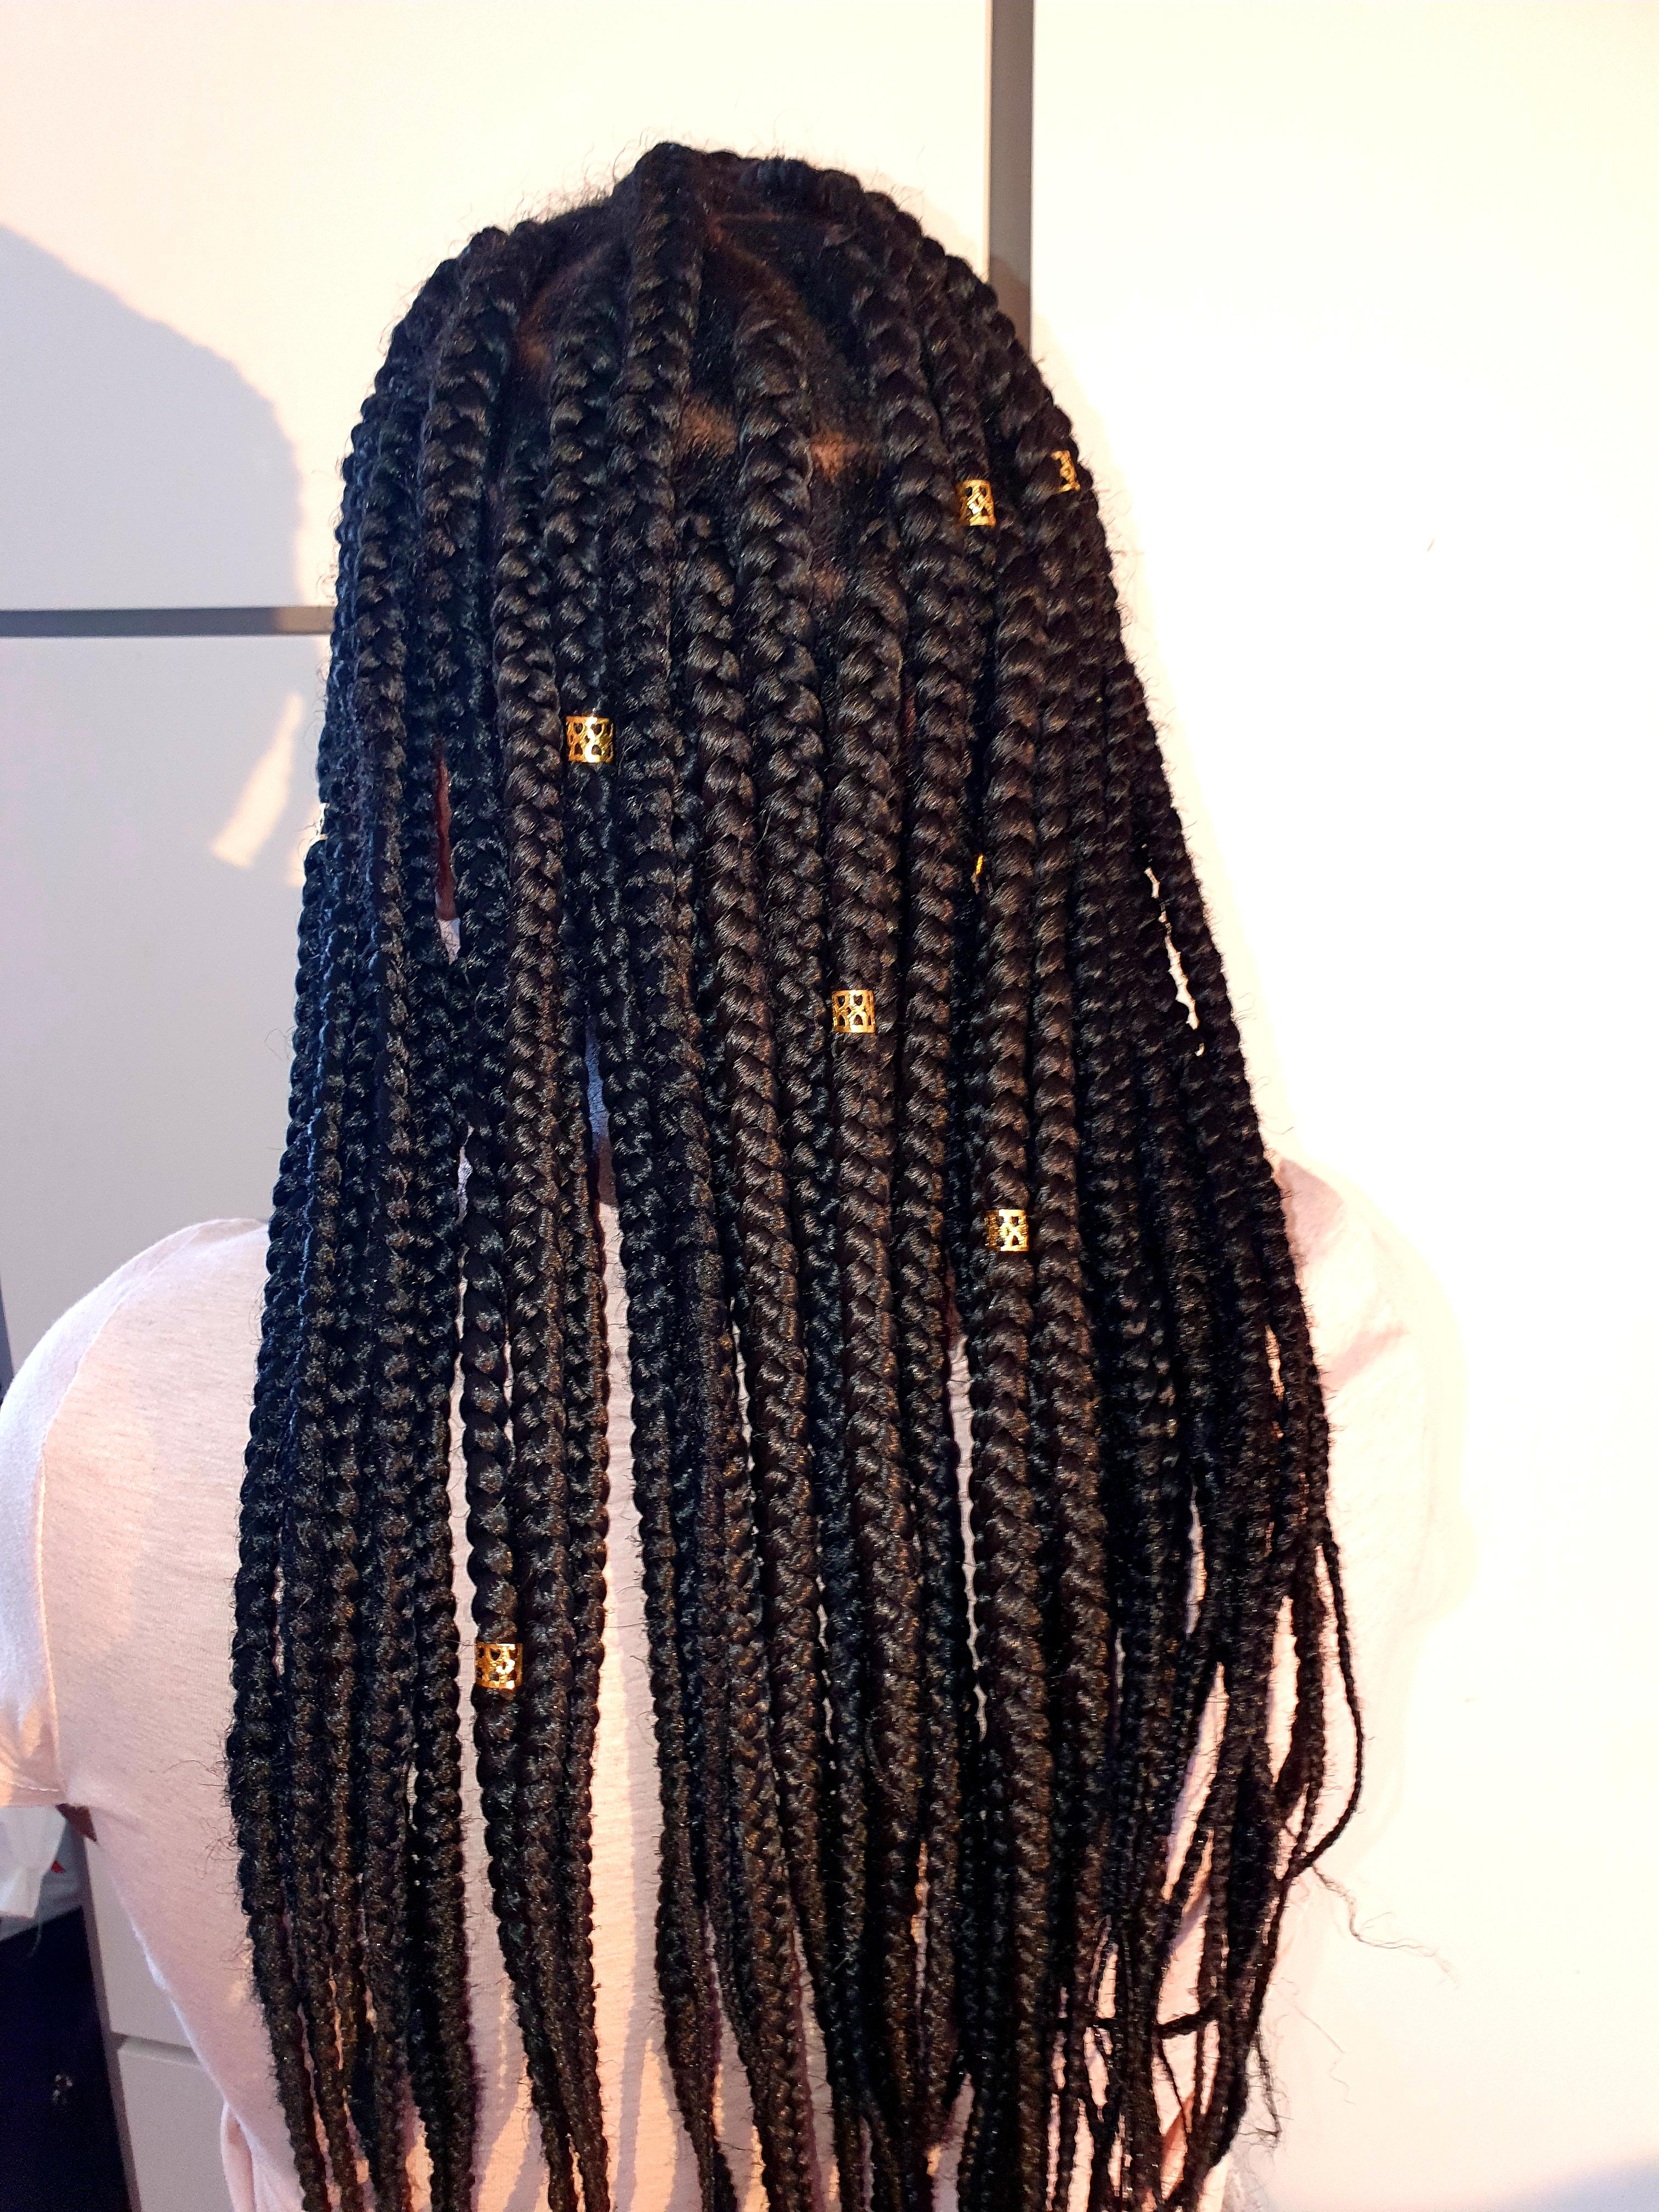 salon de coiffure afro tresse tresses box braids crochet braids vanilles tissages paris 75 77 78 91 92 93 94 95 AIPLNHSZ